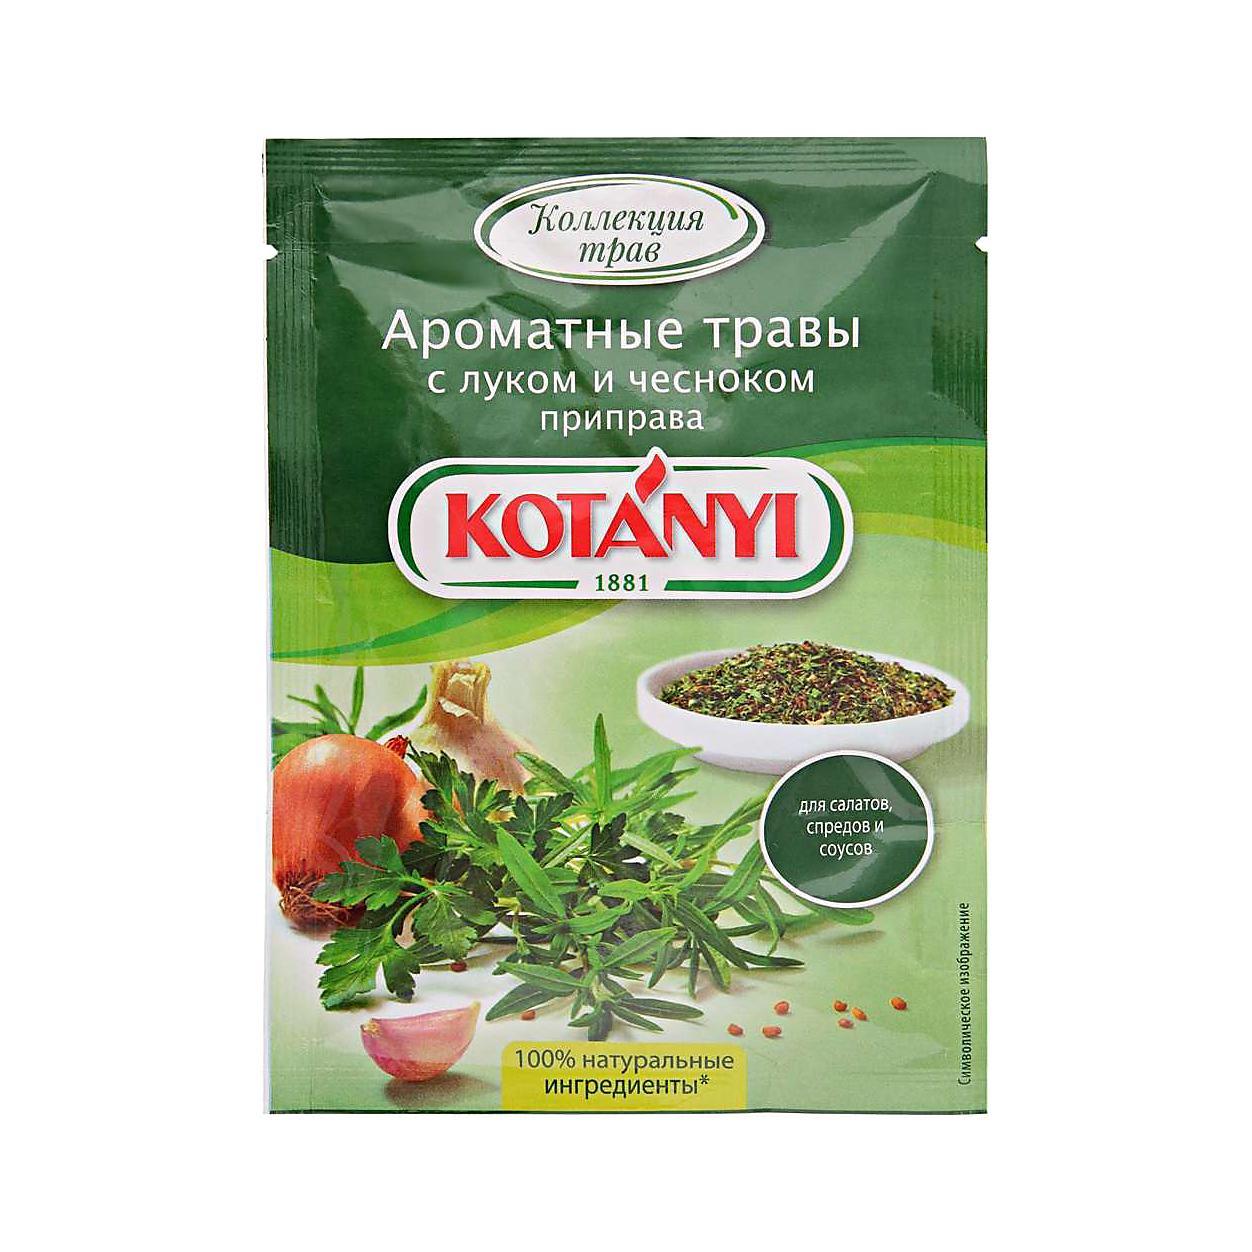 Приправа Kotanyi Ароматные травы с луком и чесноком 20 г